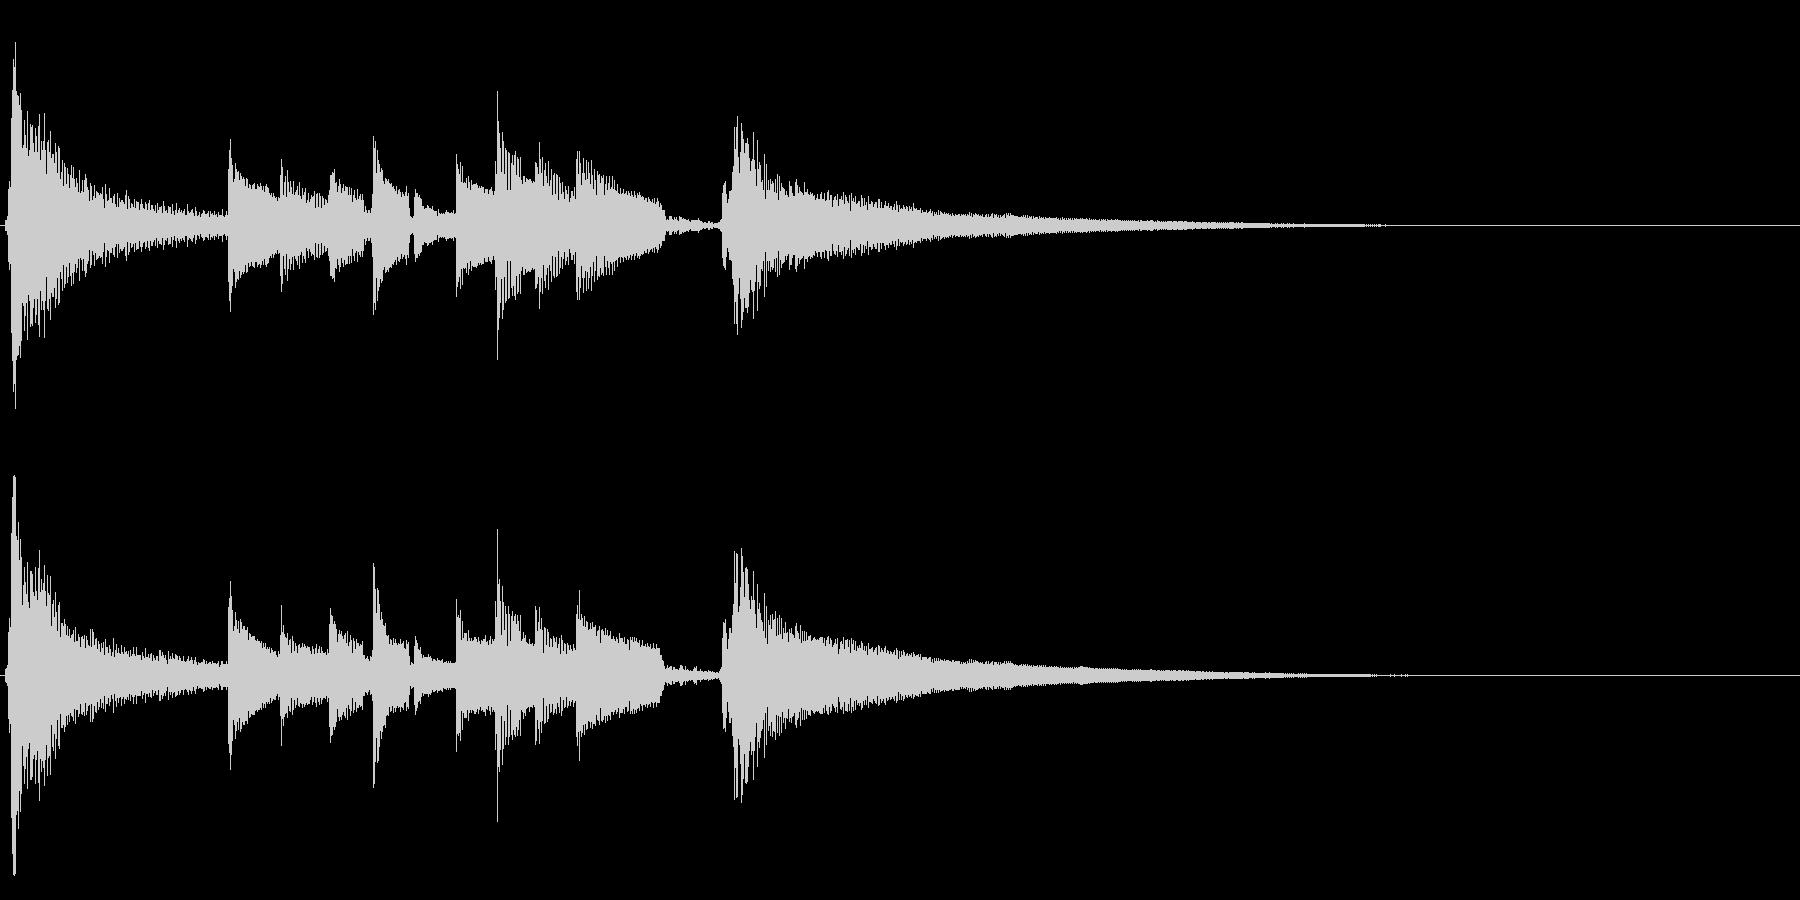 ★アコギ生音のジングル/おしゃれ、10秒の未再生の波形